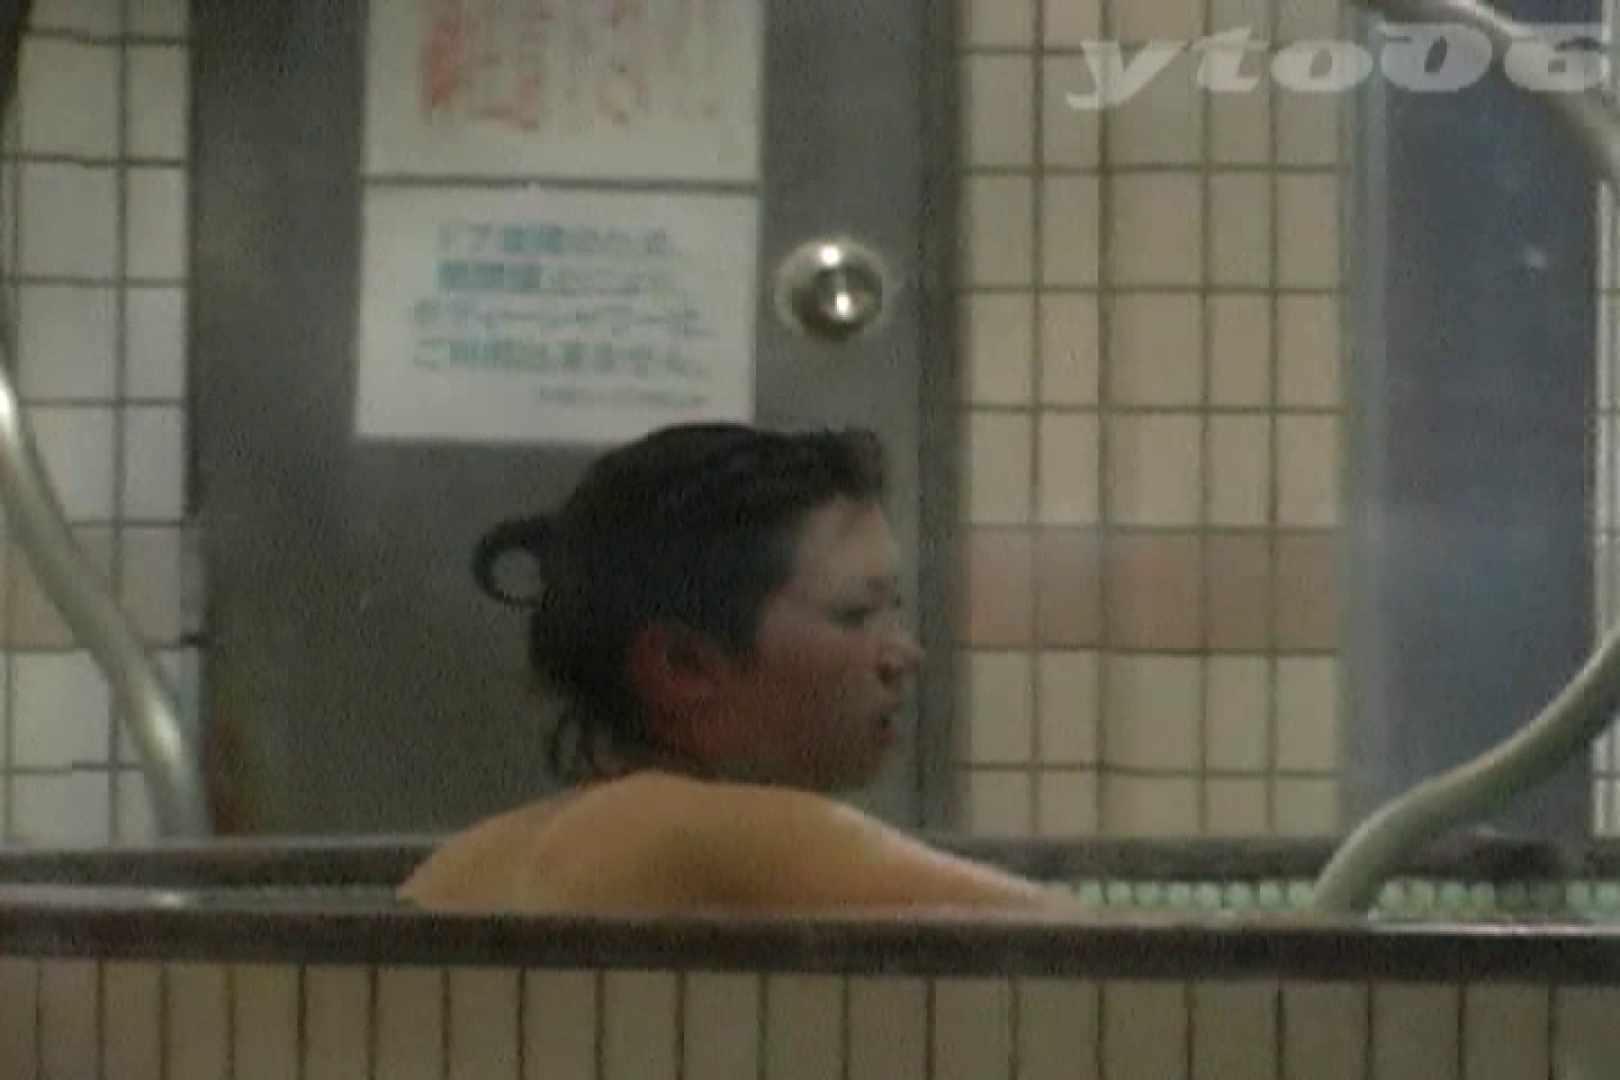 ▲復活限定▲合宿ホテル女風呂盗撮 Vol.35 合宿中の女子 SEX無修正画像 81PIX 35